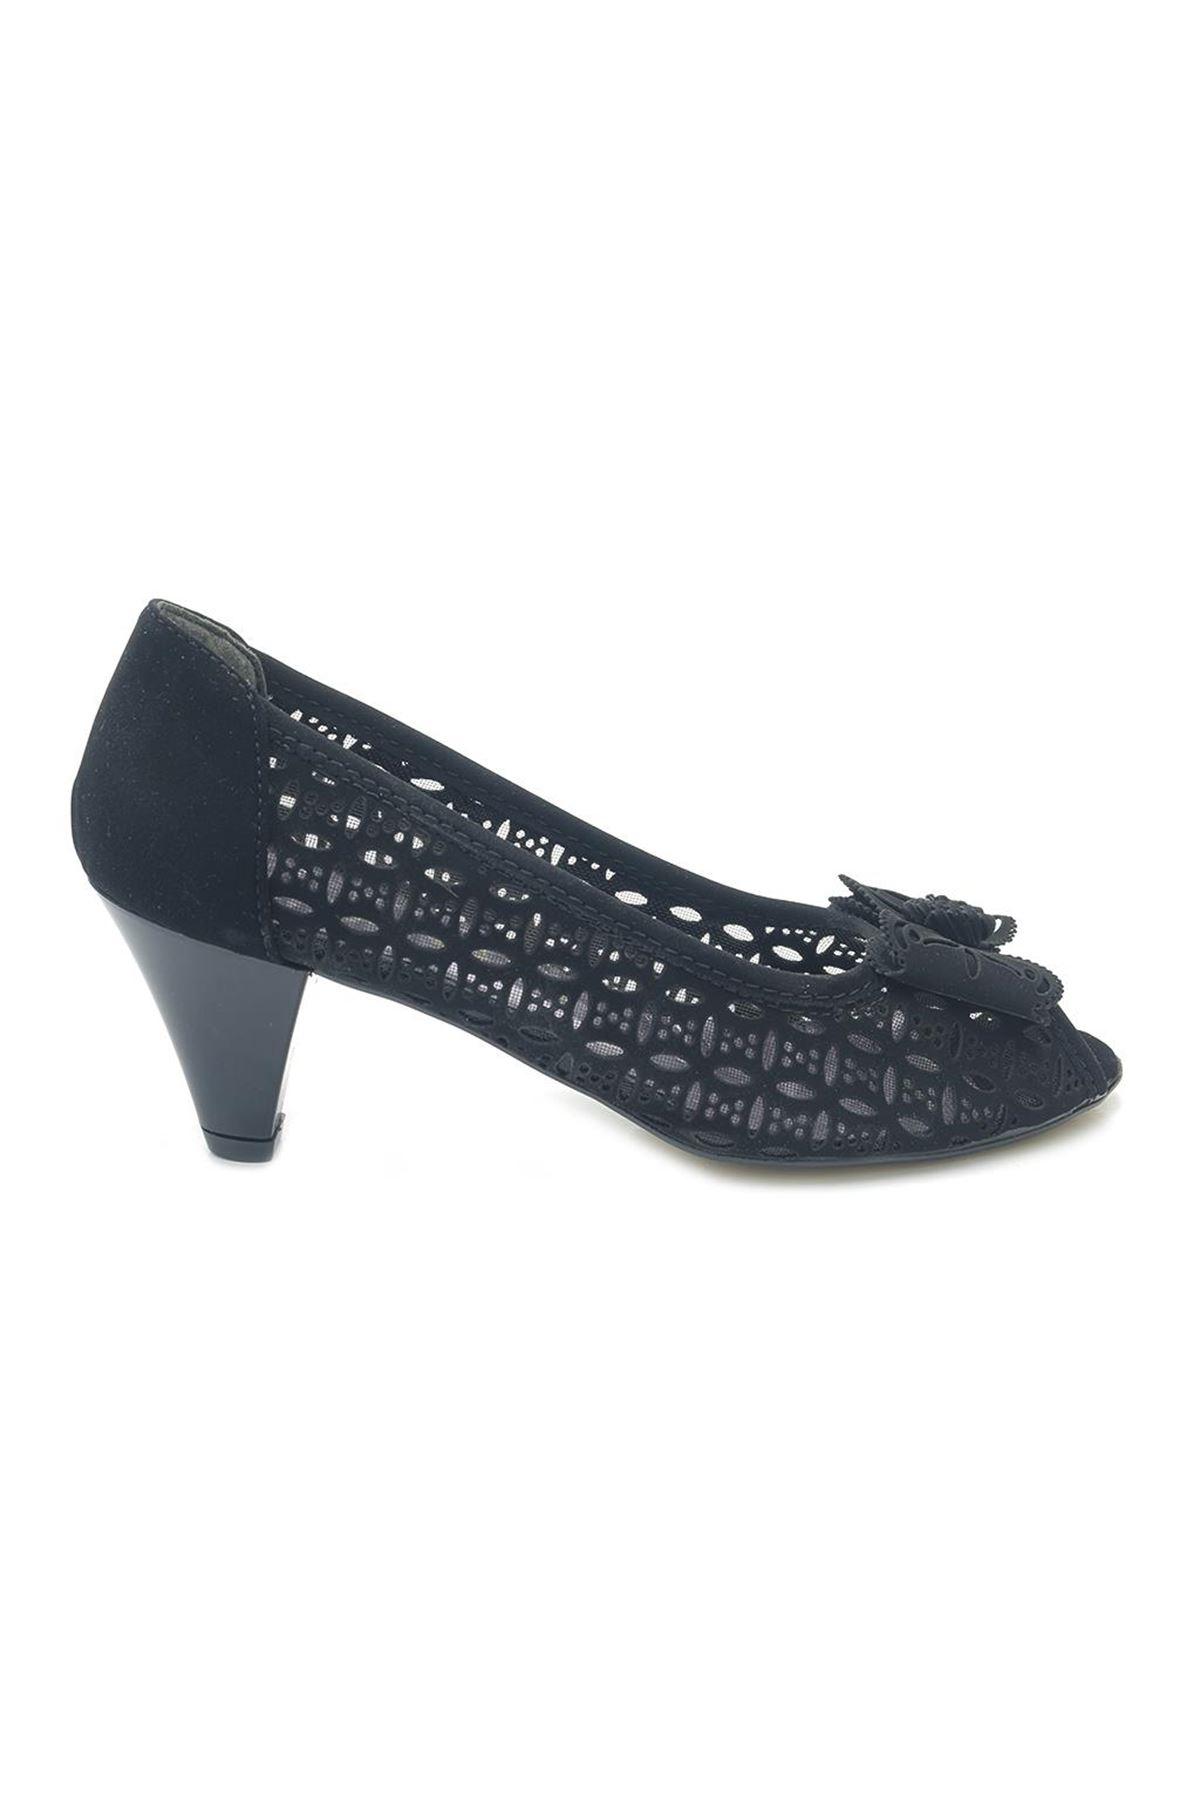 Fantasy Alçak Topuk Burnu Açık Fileli Kadın Ayakkabı